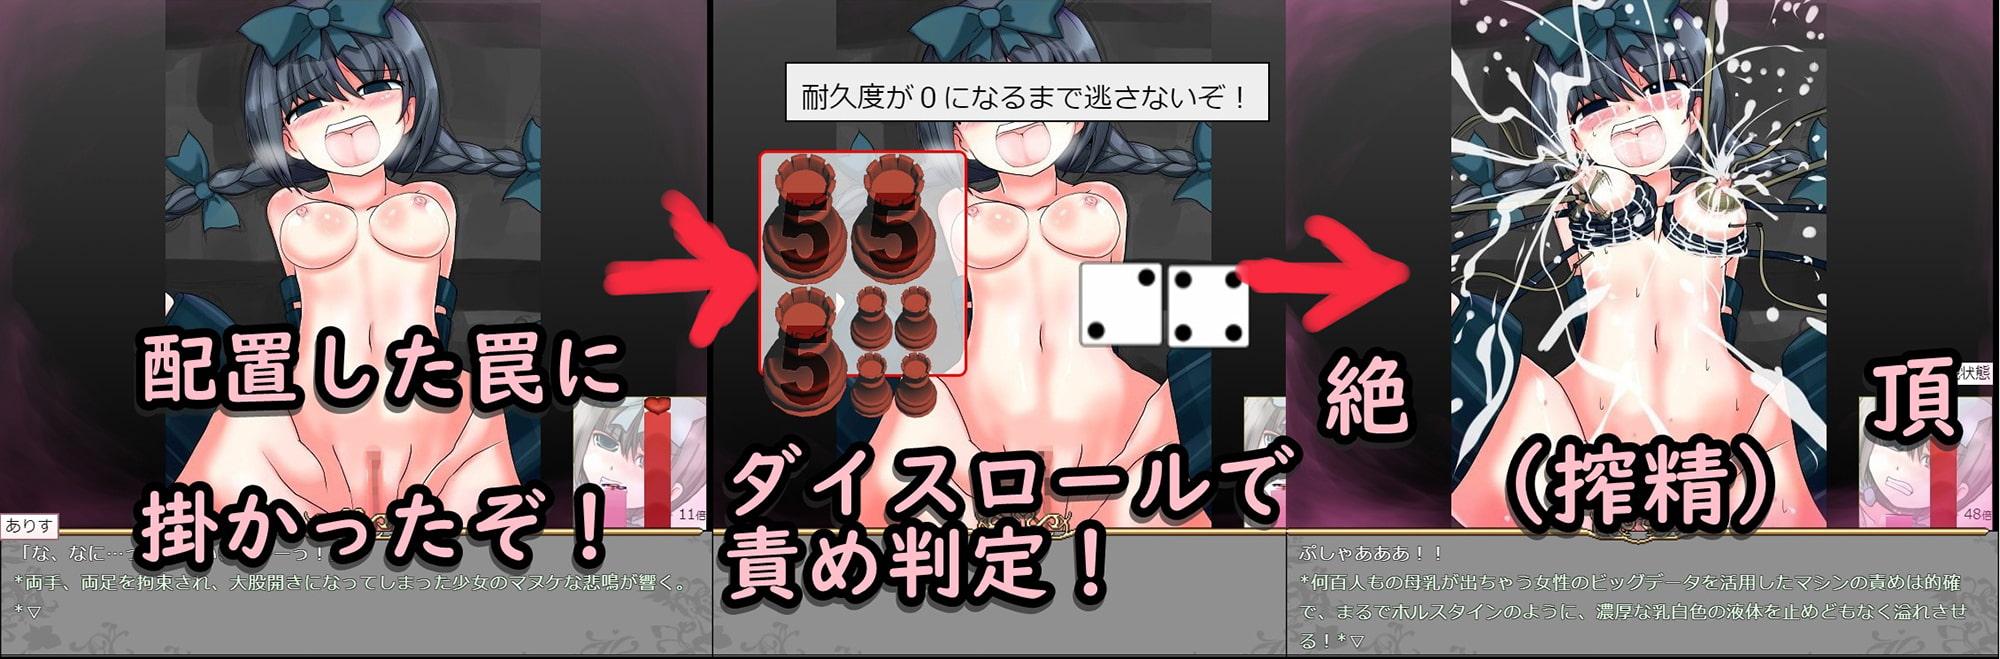 ありすの乳頭エロトラップダンジョン ミルクバースト!!